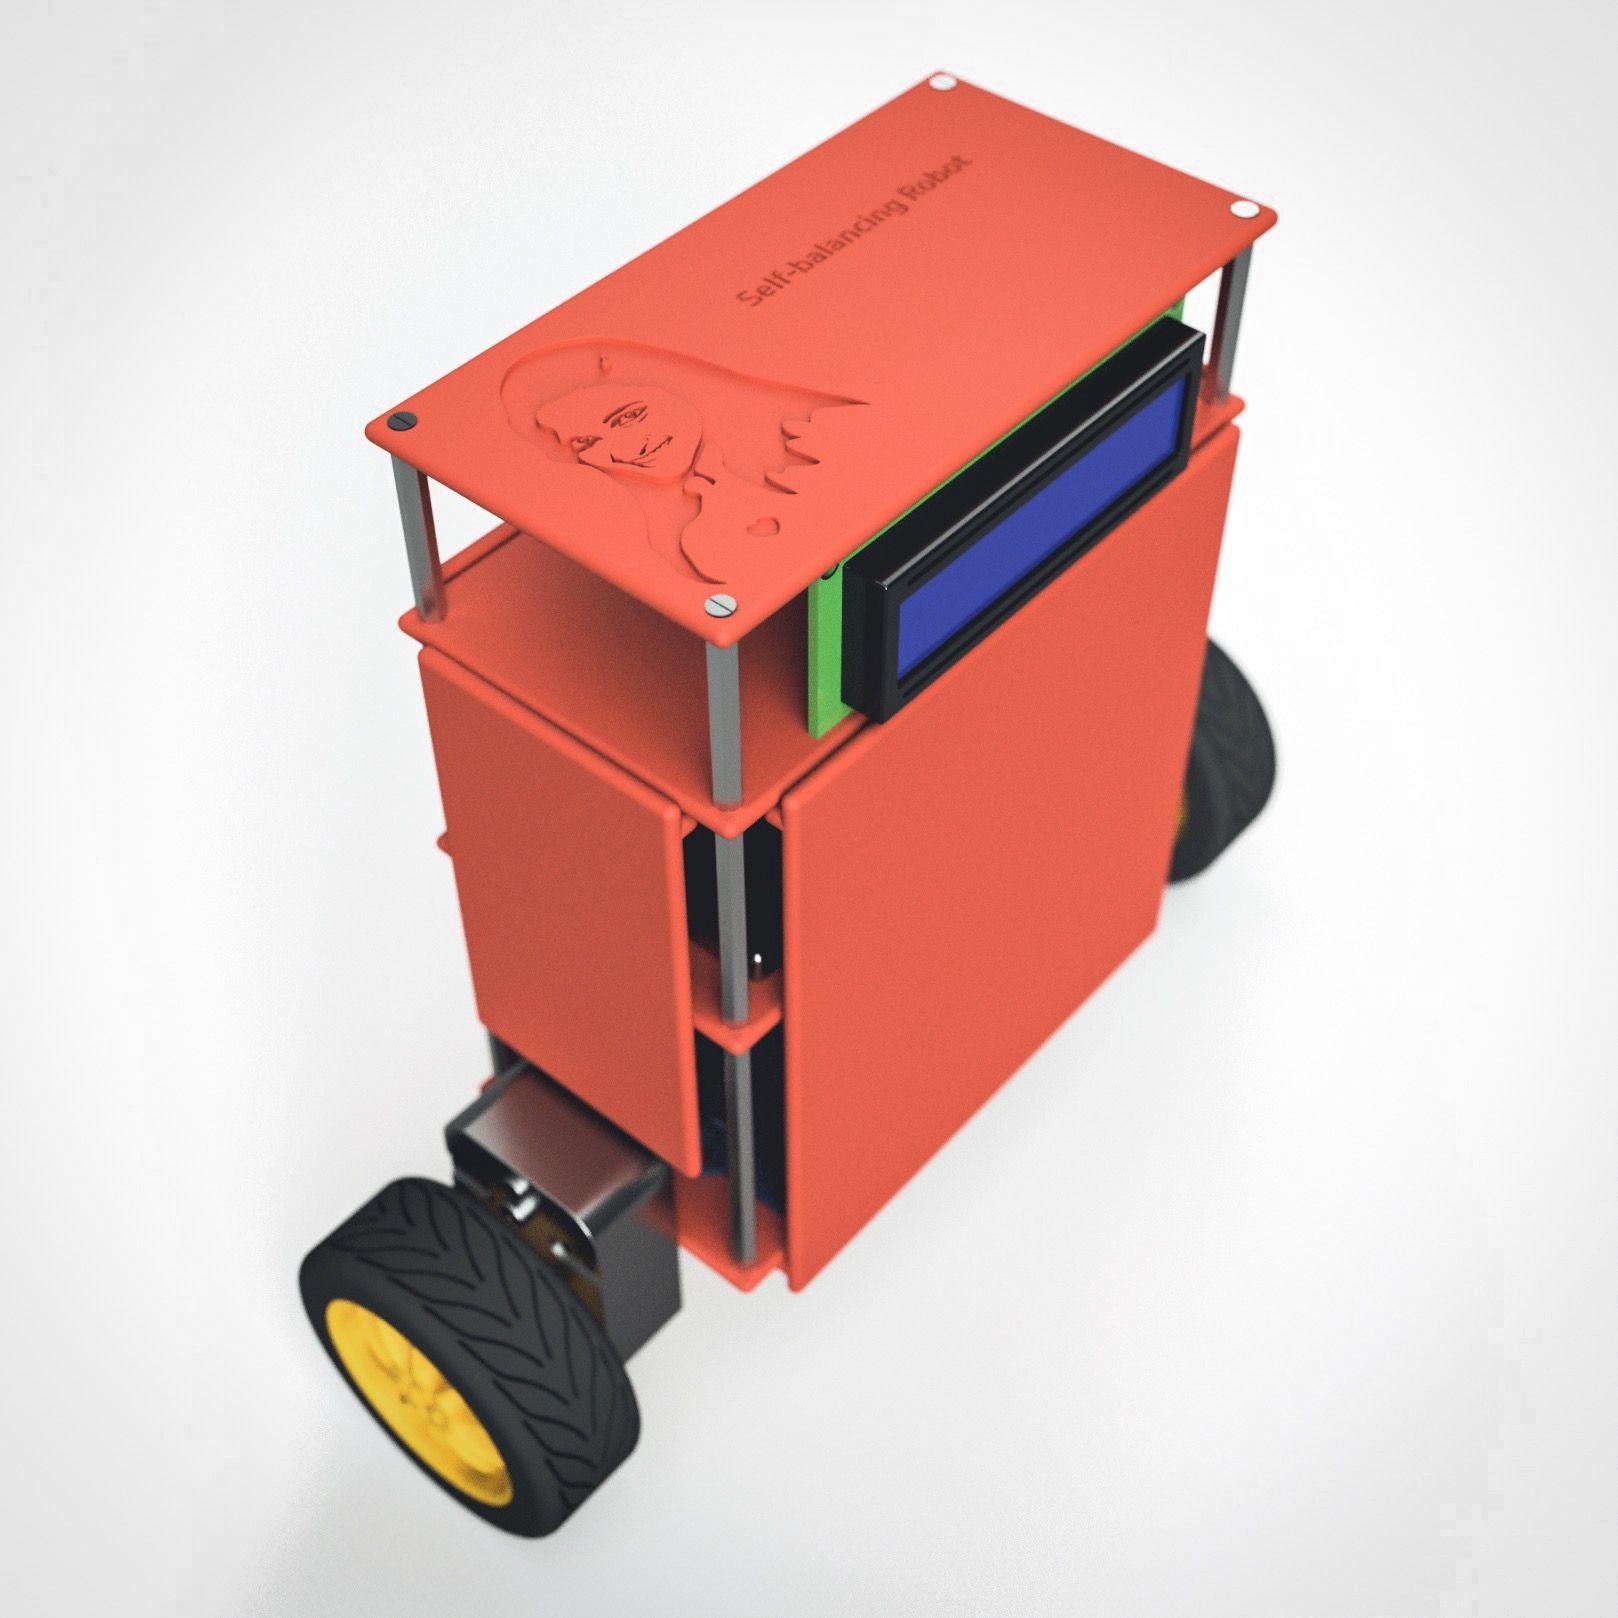 Self-balancing-robot-v10-2-3500-3500